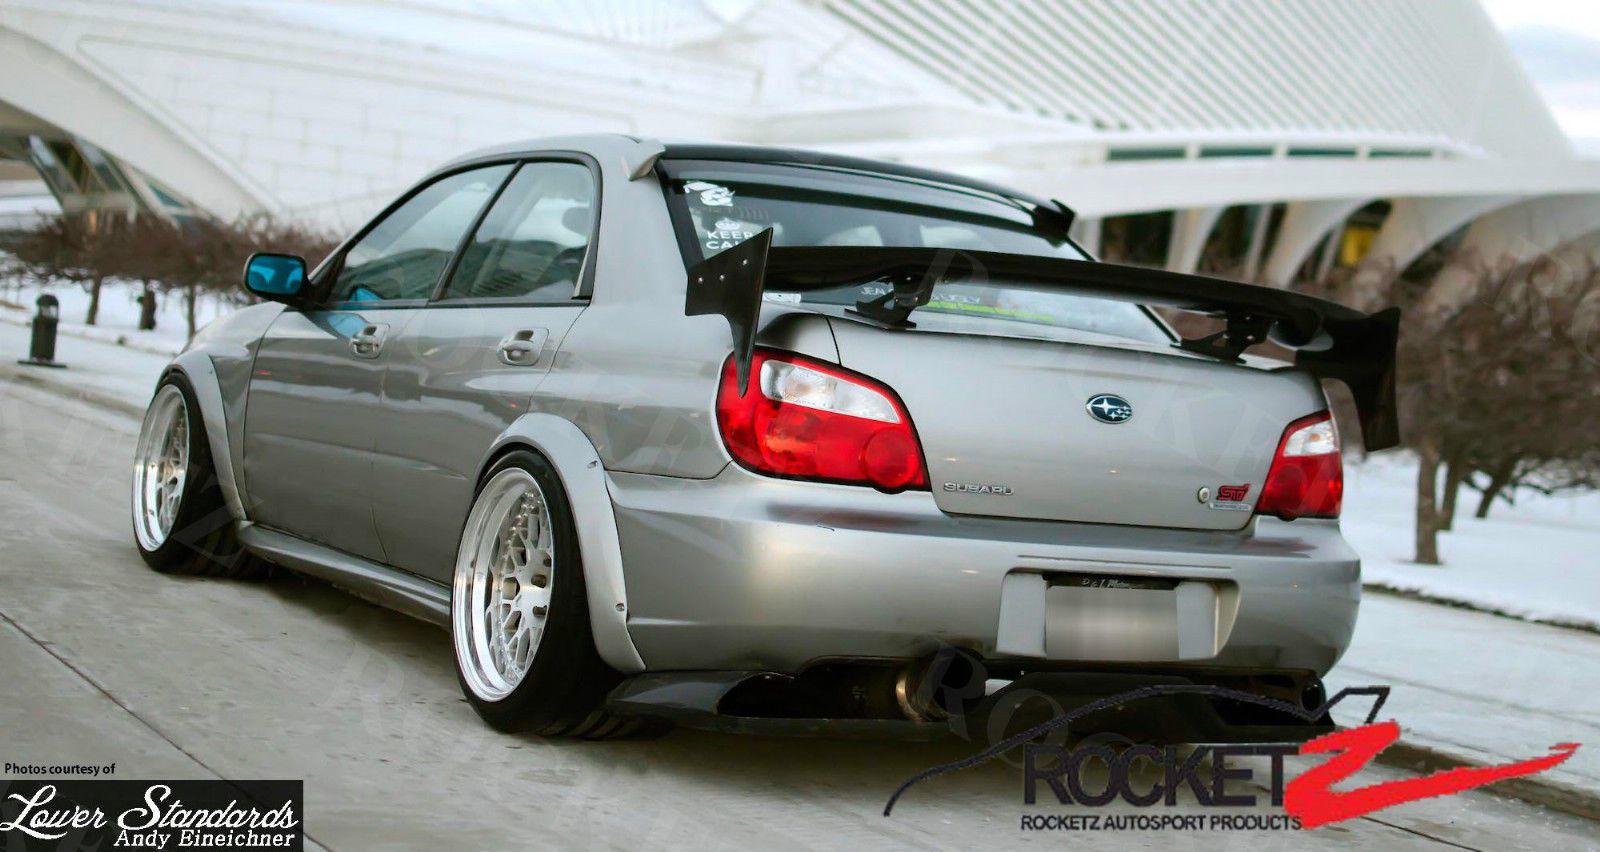 439 99 Free Shipping Wrx Subaru Subaru Impreza